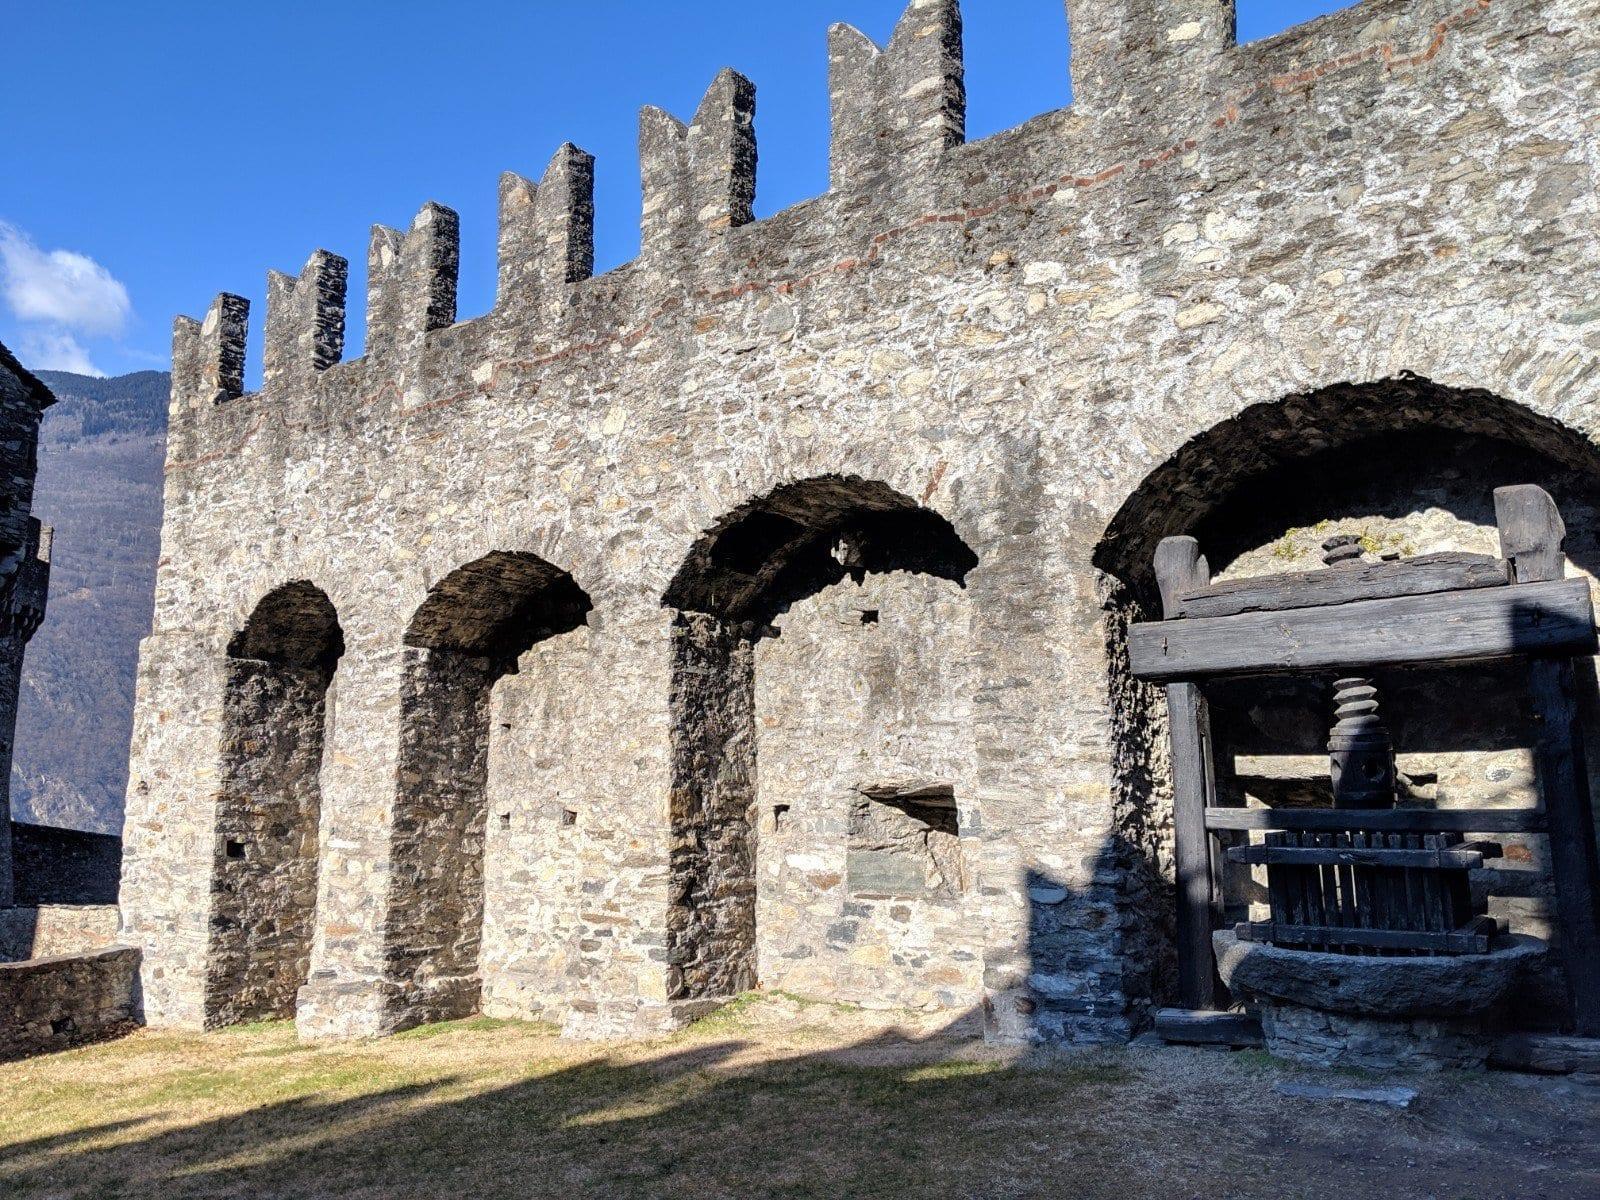 Bellinzona – Montebello – Bellizona